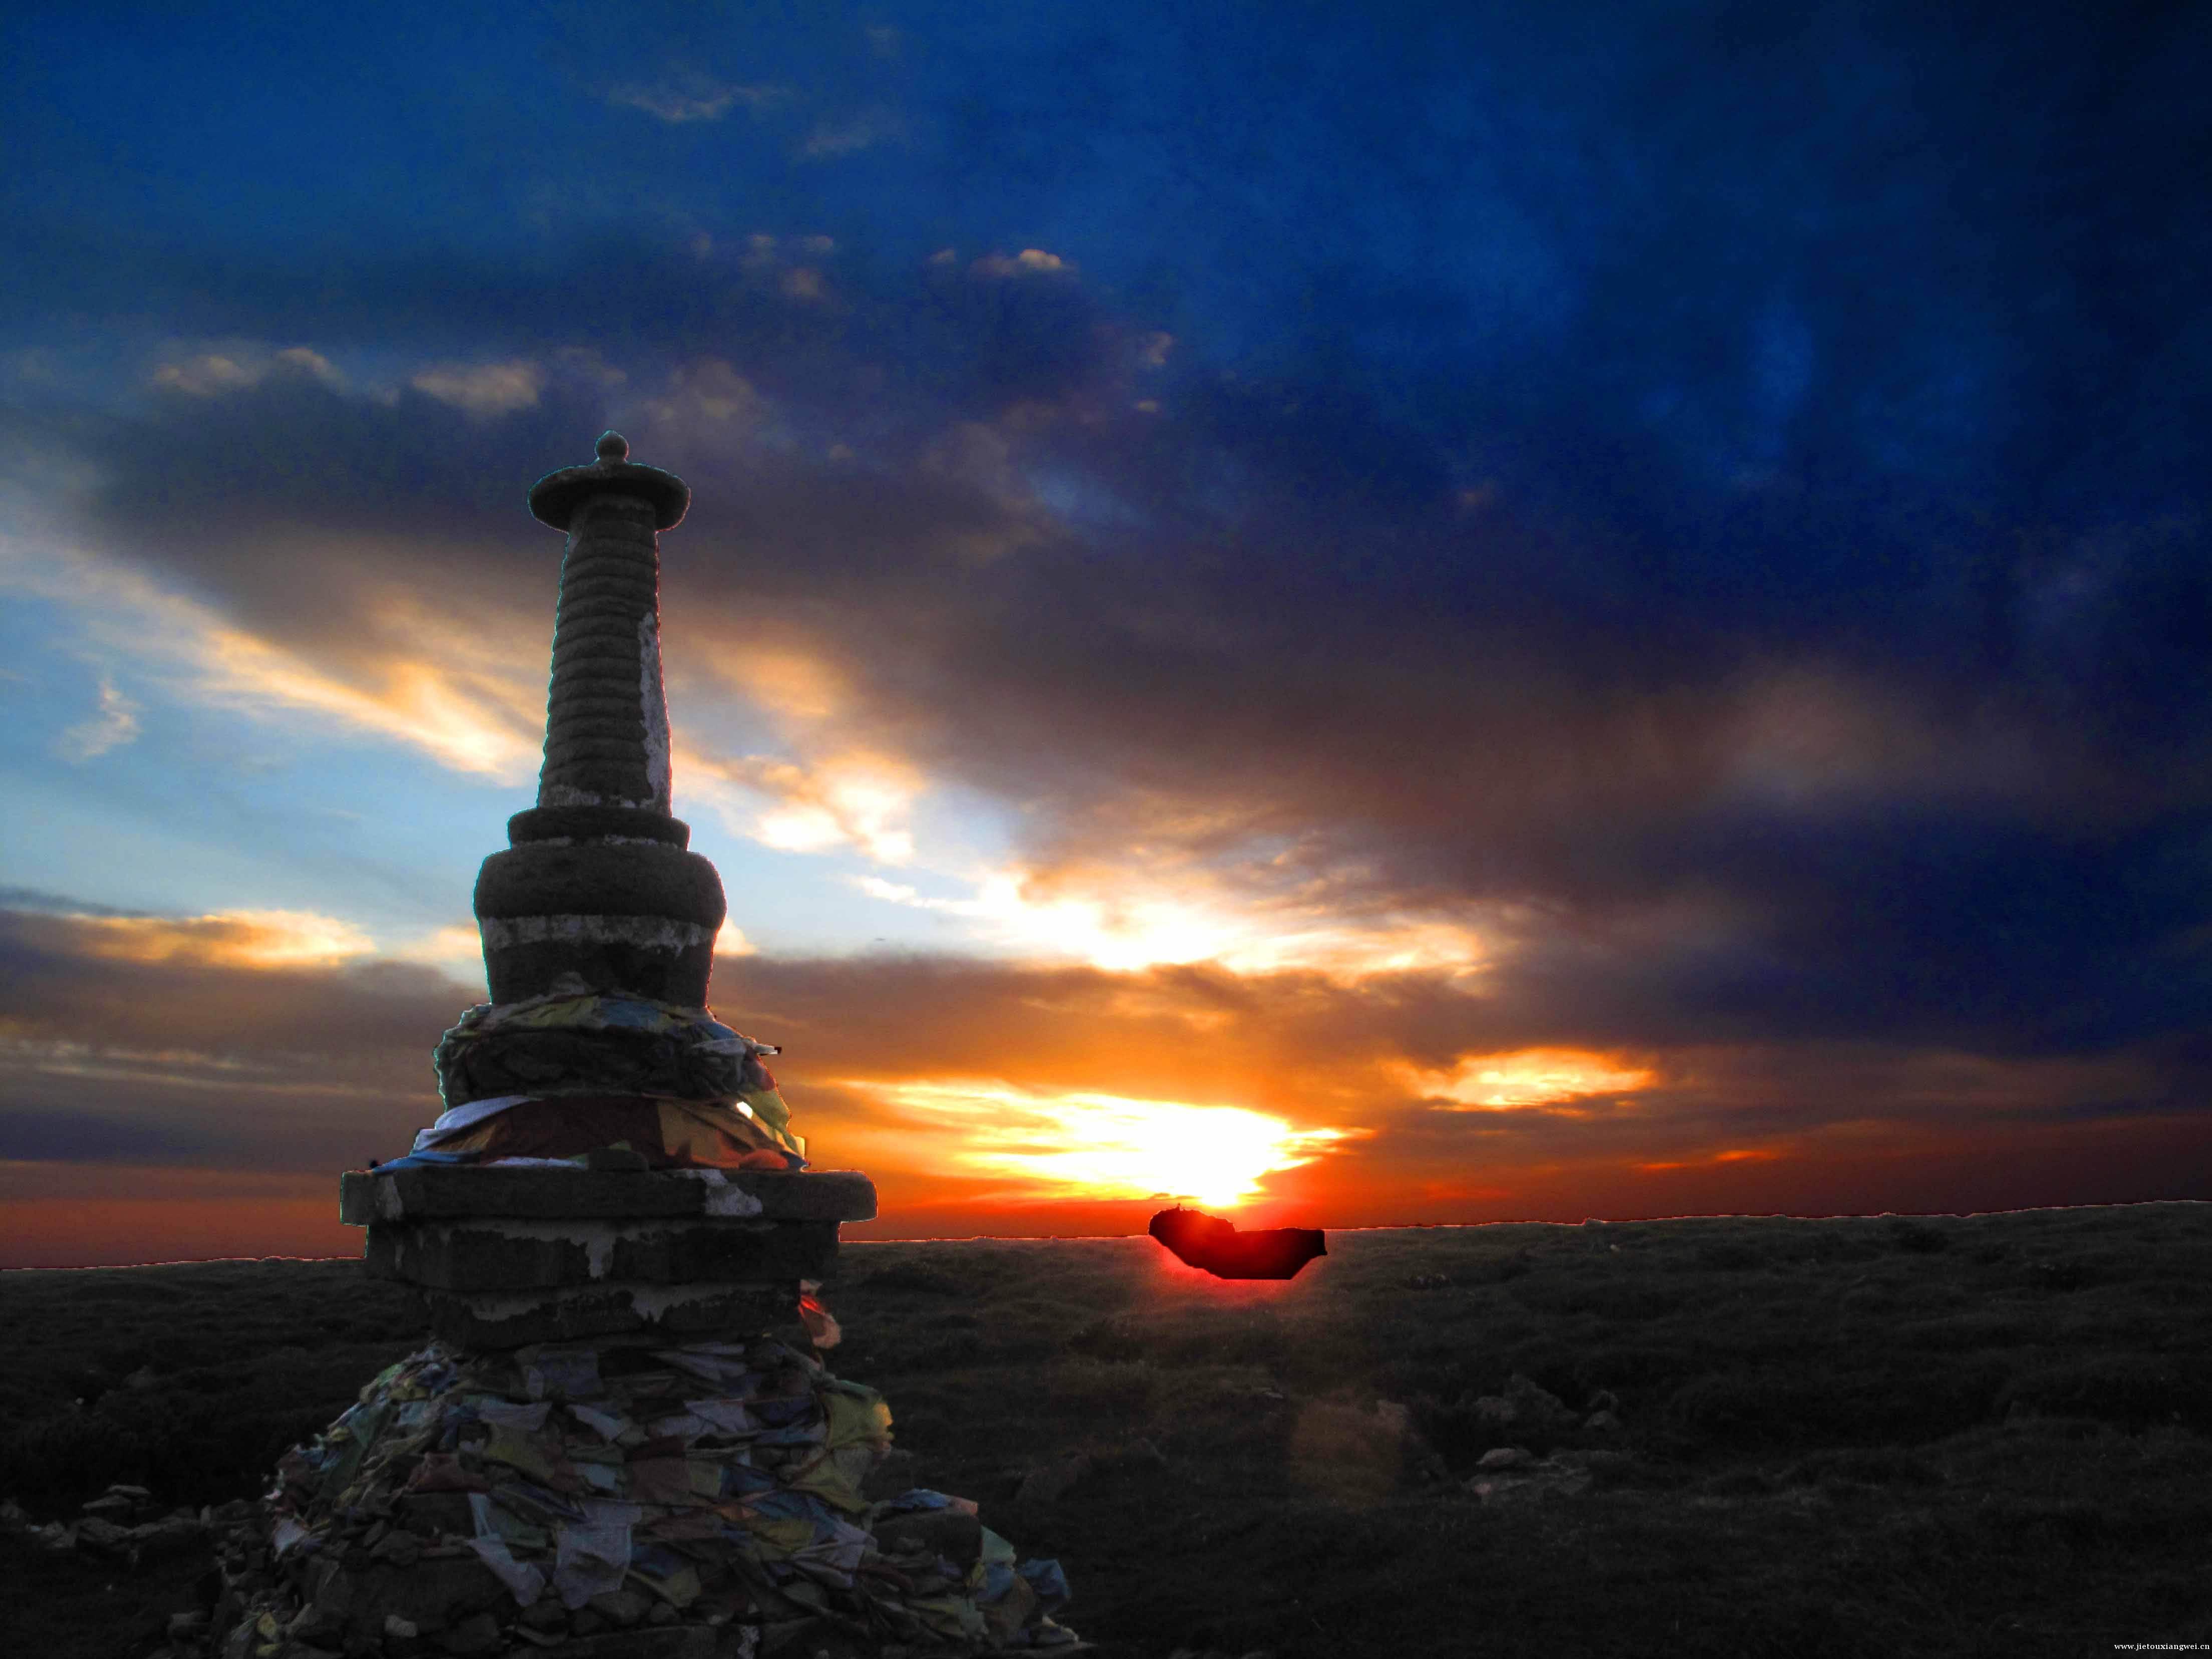 西安南五台景区今起恢复开放体温超出37.2摄氏度谢绝参观